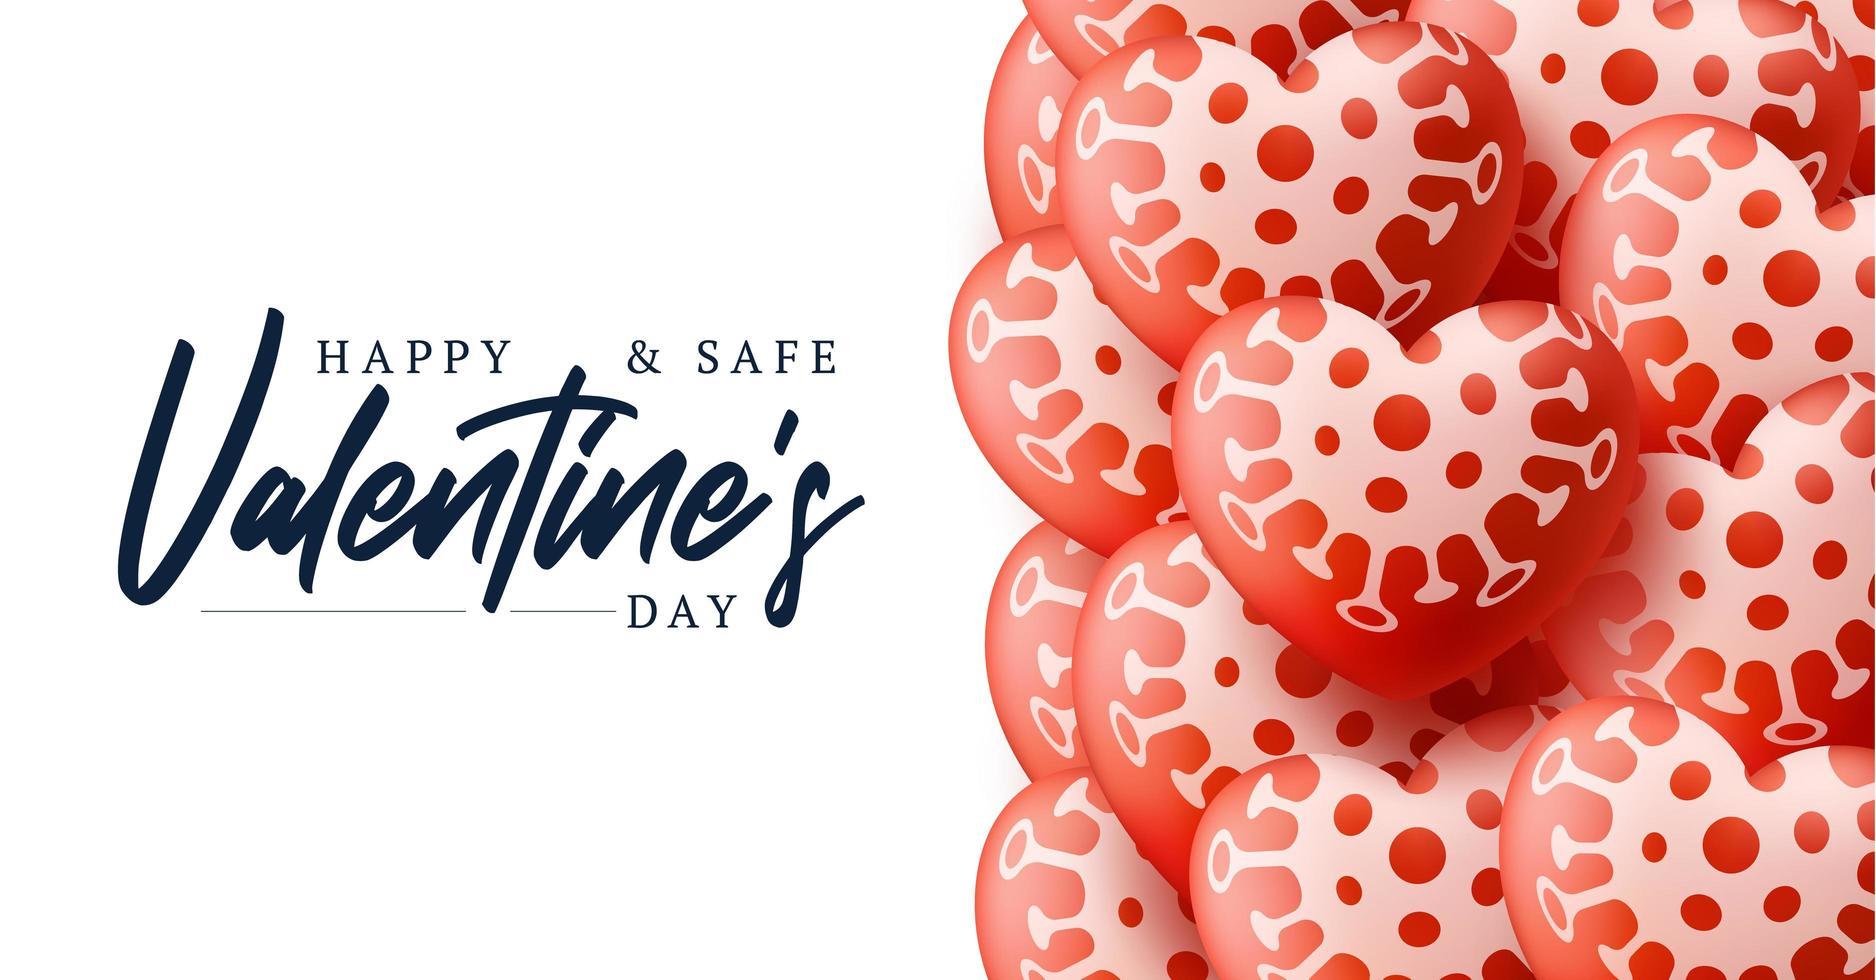 glad och säker alla hjärtans dag försäljning bakgrund med ballonger hjärtmönster. loce och covid coronavirus koncept vektorillustration. tapeter, flygblad, inbjudan, affischer, broschyr, banners vektor